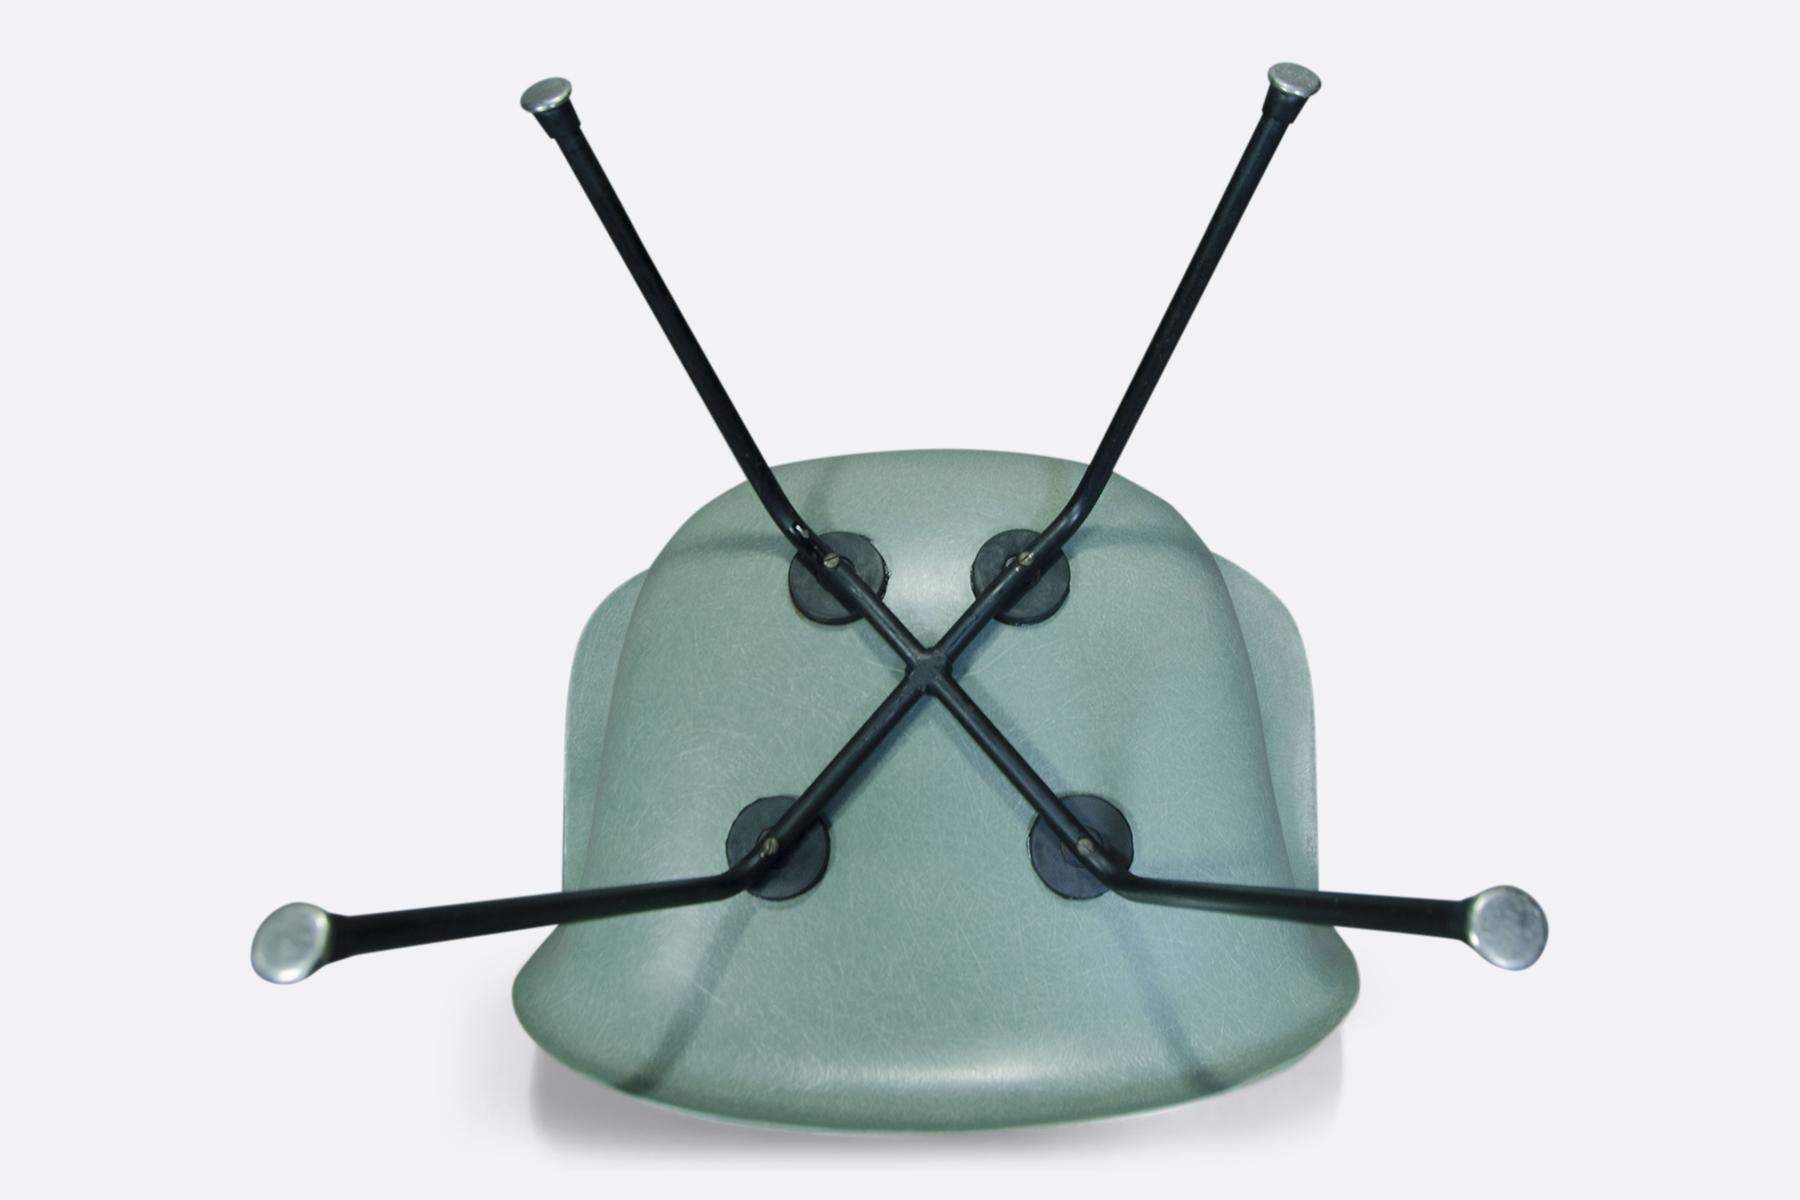 Eames armchair-LAX-seafoam green.6